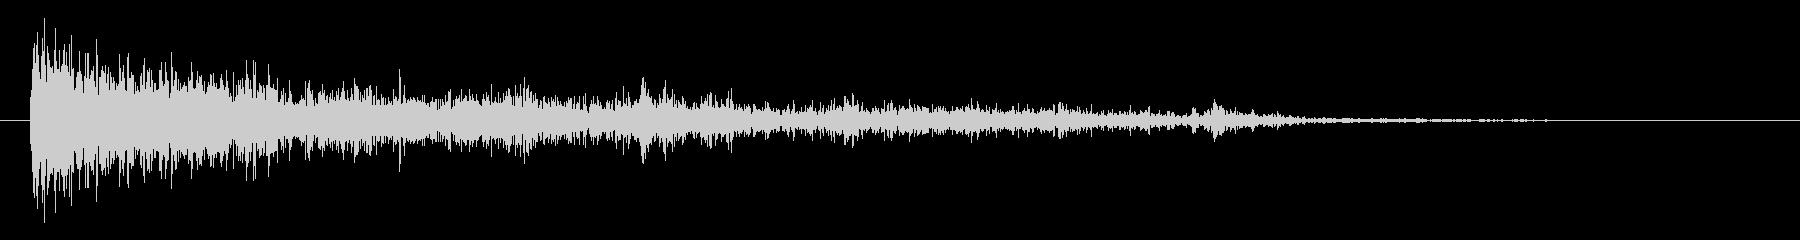 シャープSci Fi爆発の未再生の波形